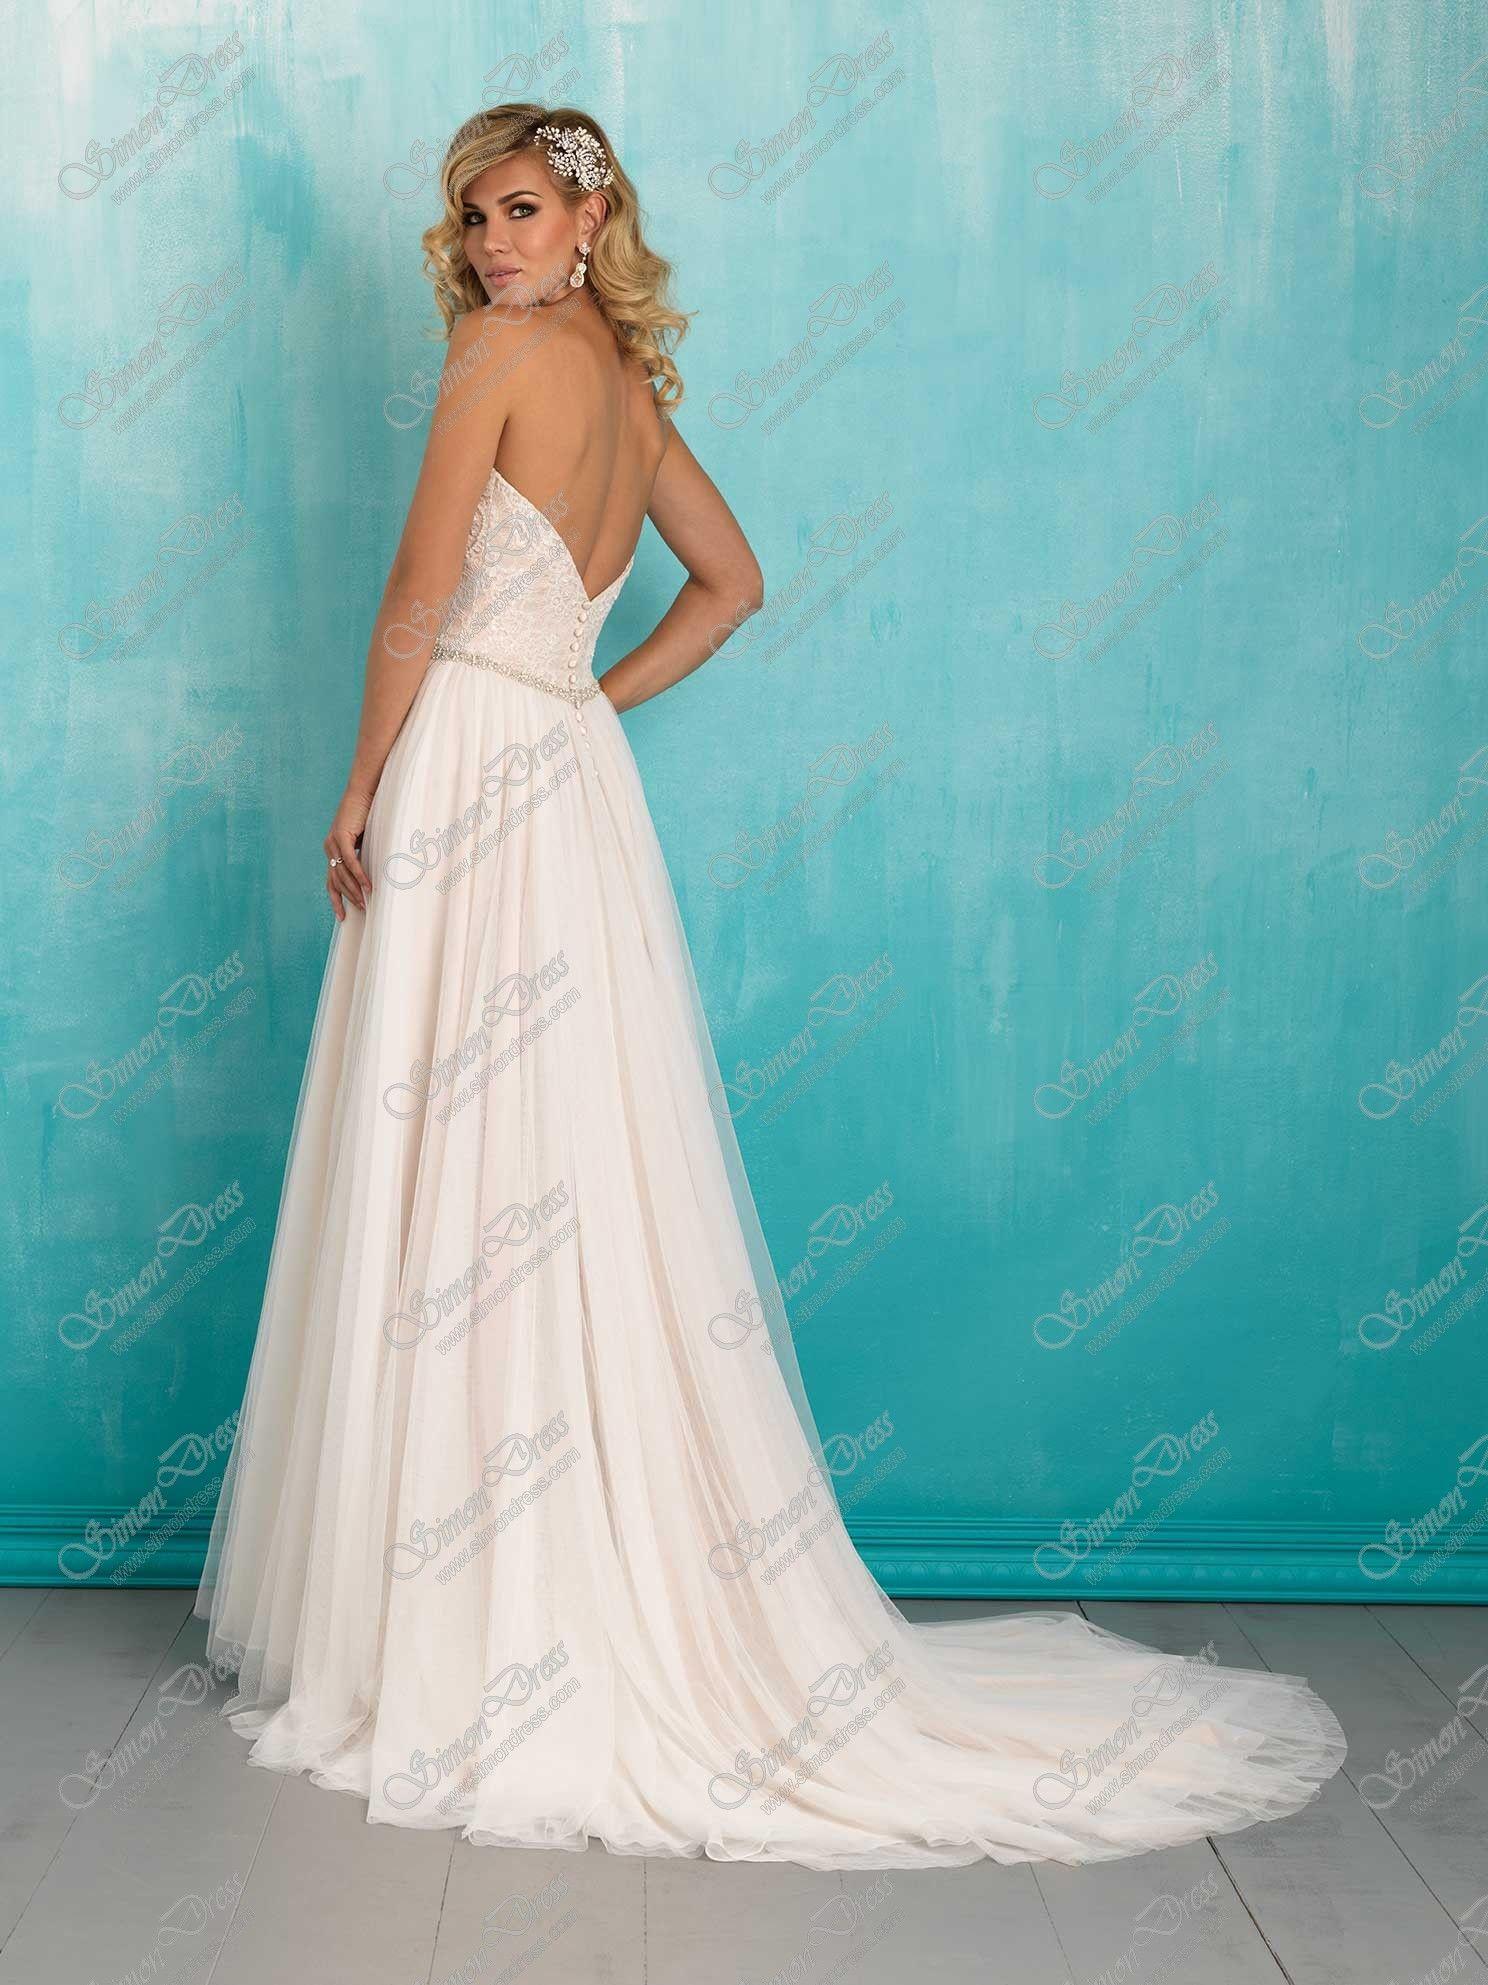 Allure Bridals Wedding Dress Style 9324   Allure Bridals Wedding ...